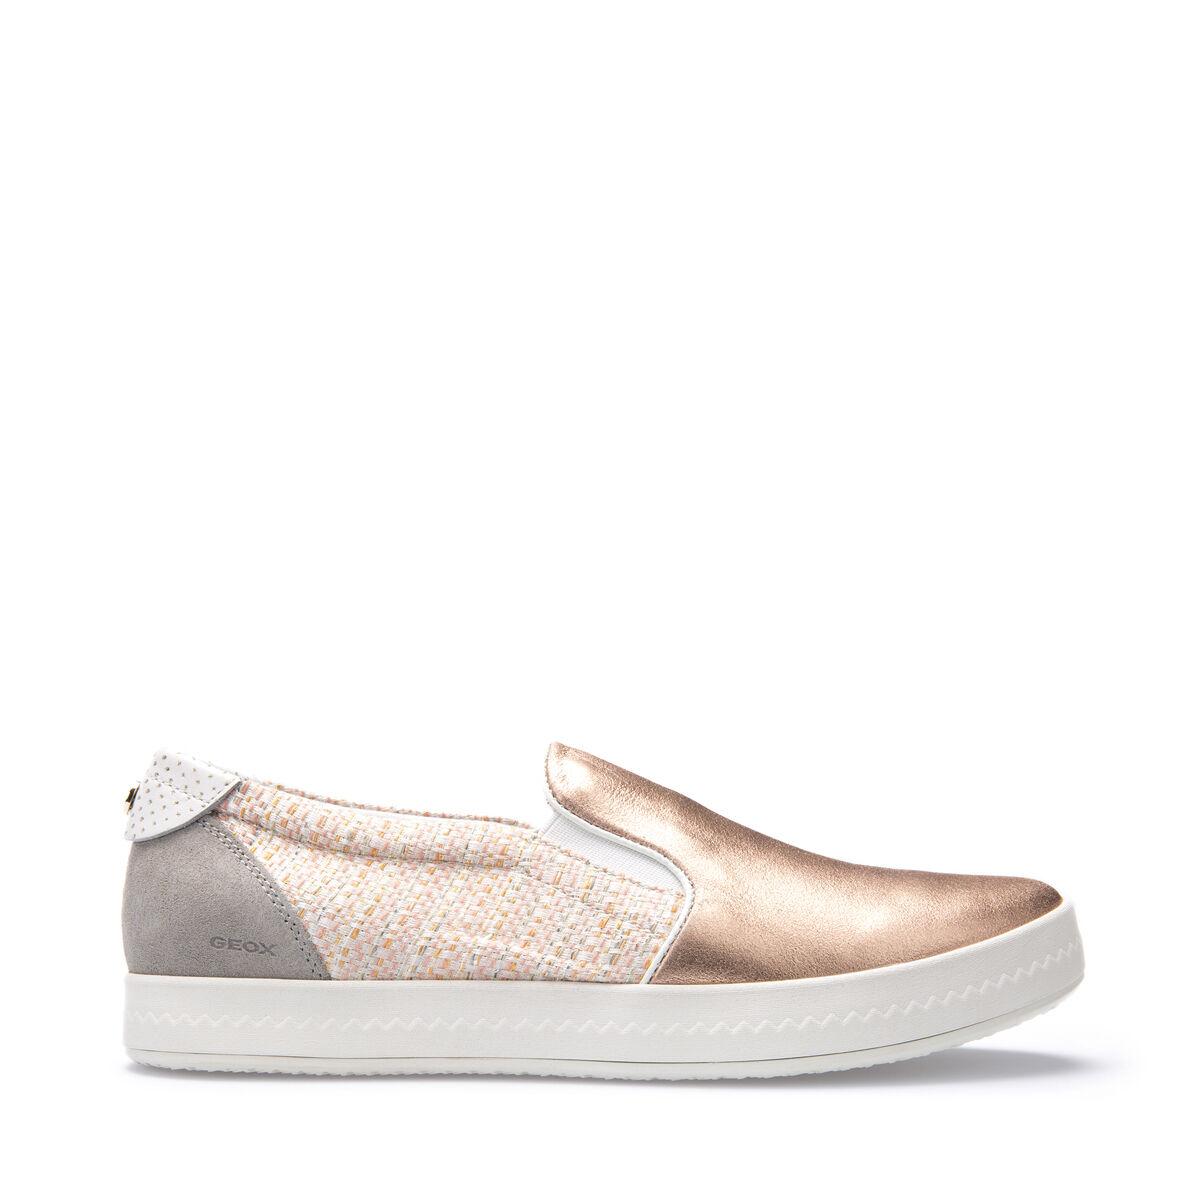 GEOX zapatos mujer zapatillas SLIP-ON IN PELLE PELLE PELLE E TELA rosadooro LINEA MODESTY D4429C  promociones de descuento